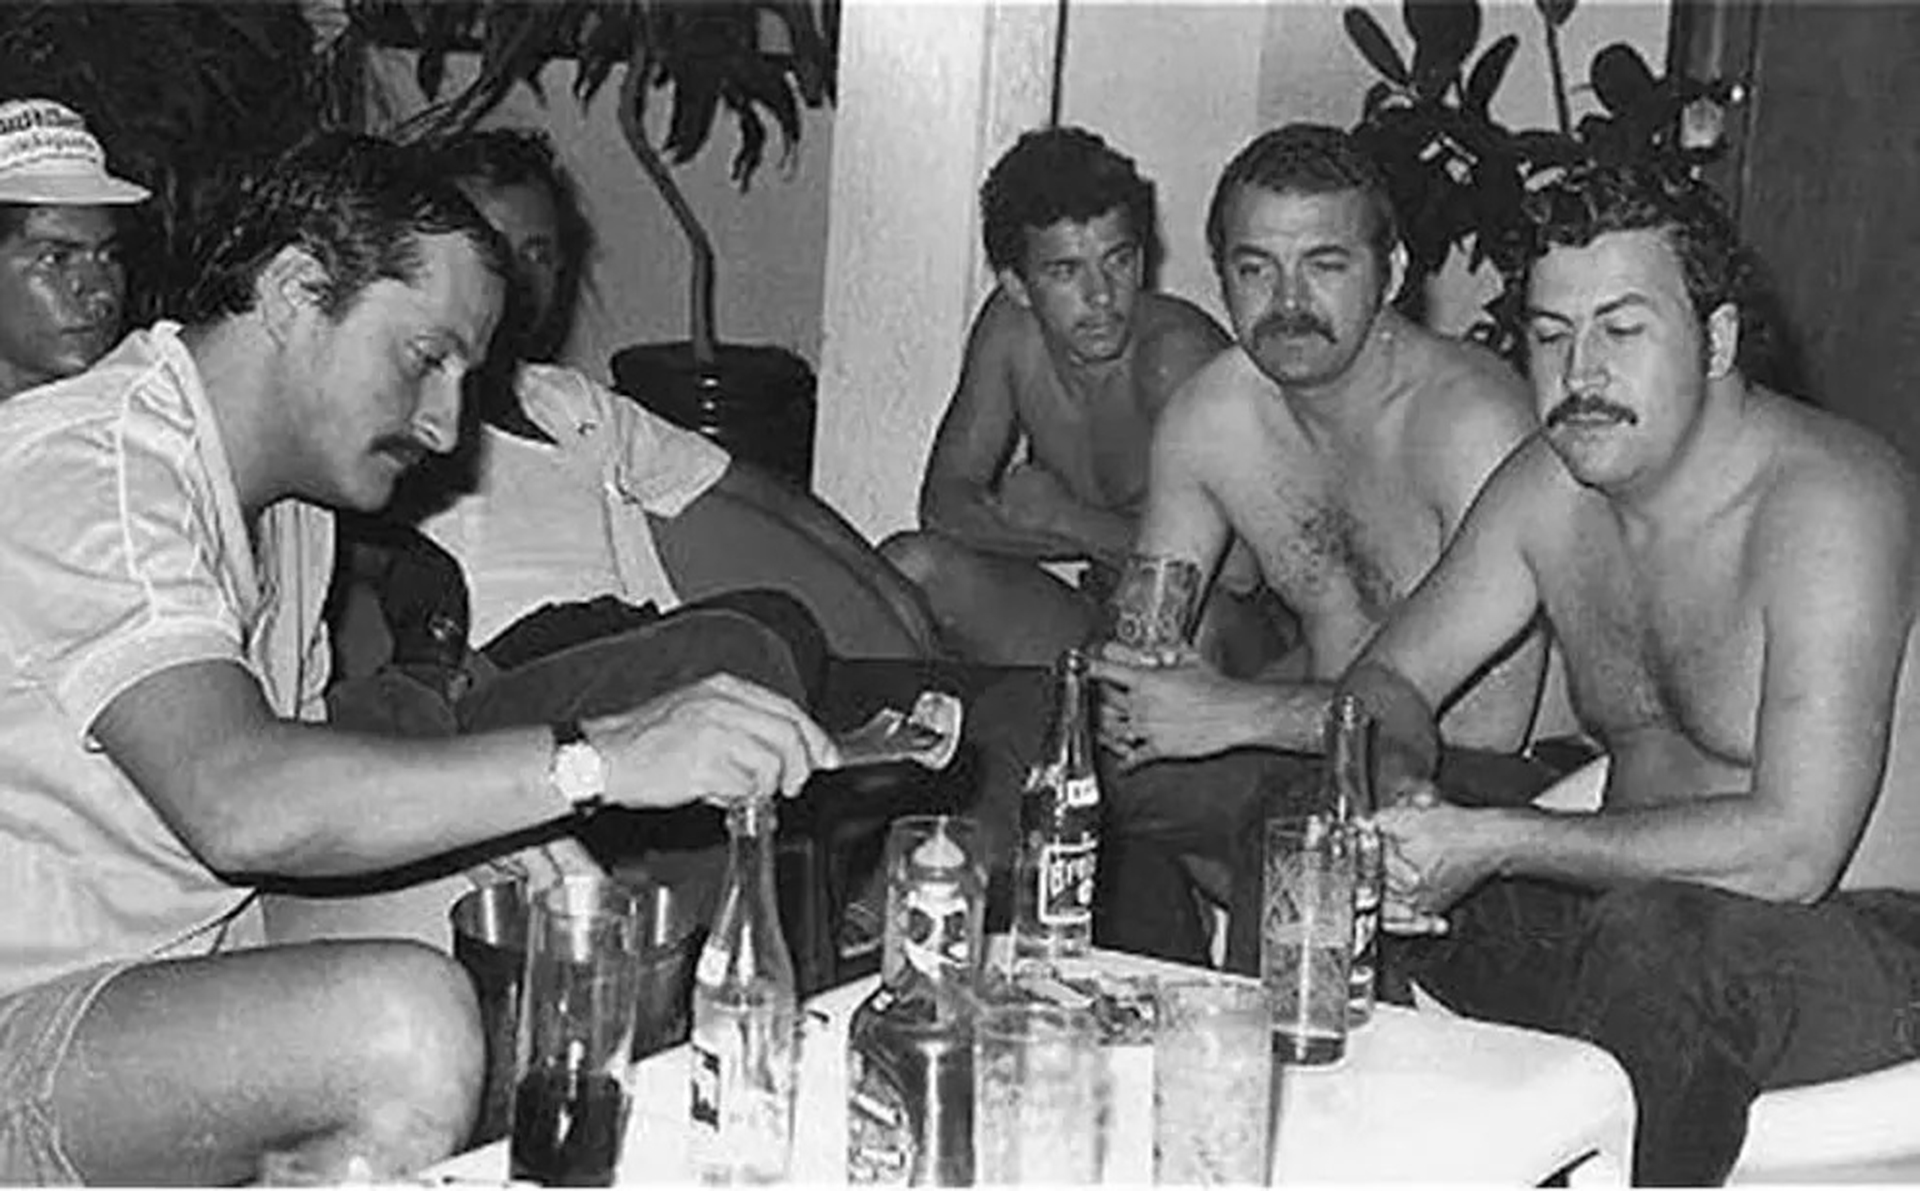 Pablo Escobar junto a algunos de sus sicarios del Cartel de Medellín en una fiesta.